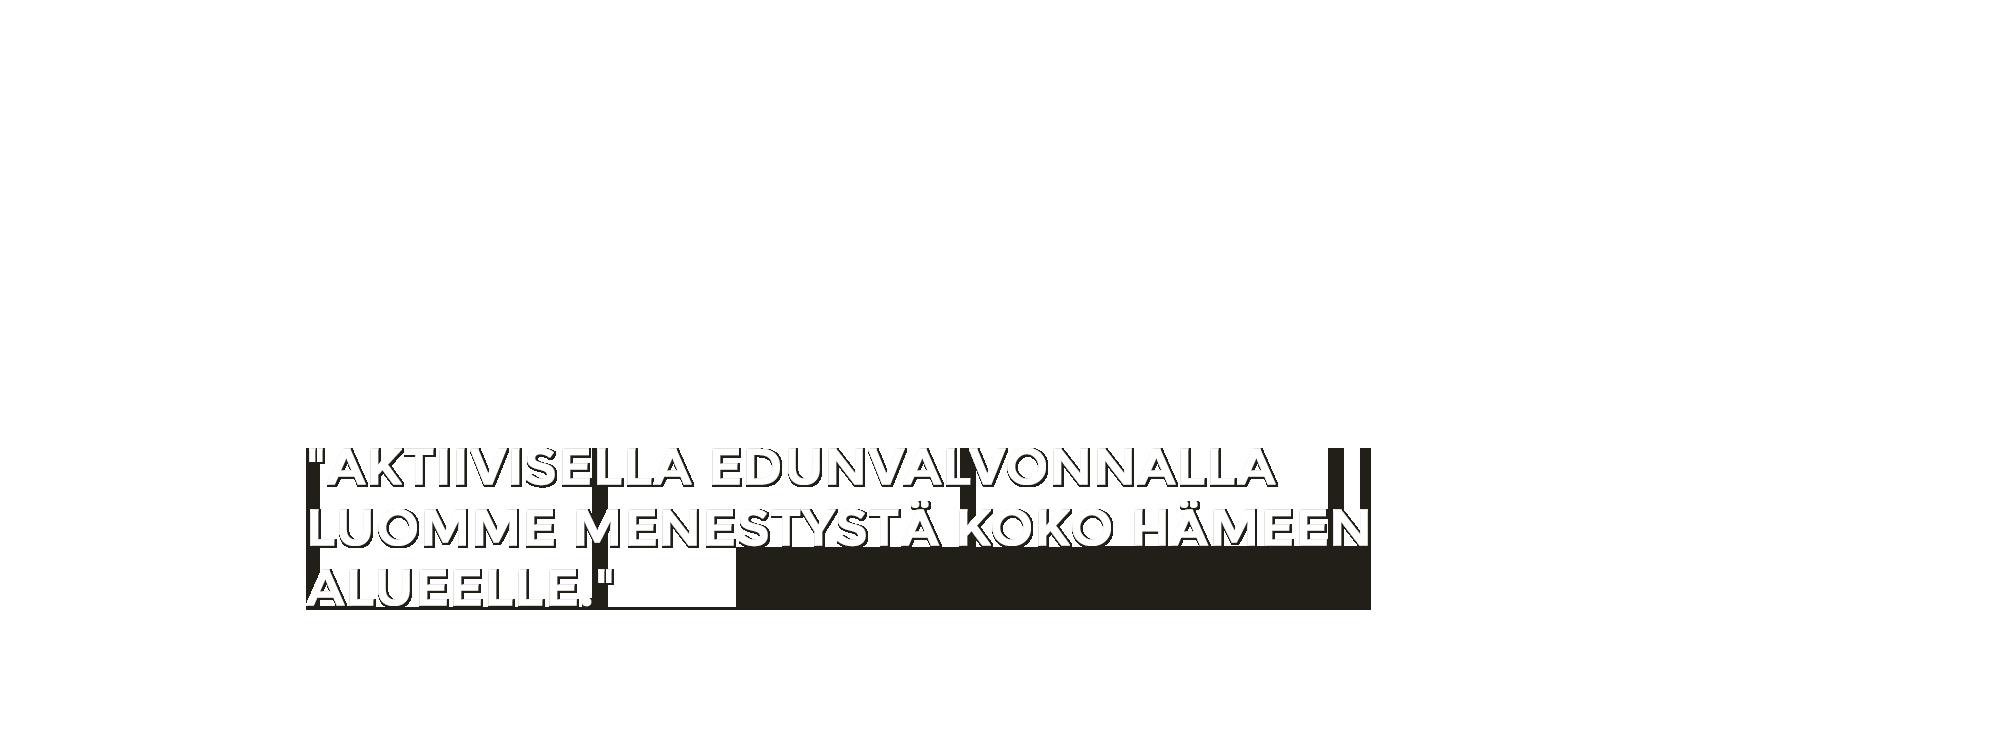 Aktiivisella edunvalvonnalla luomme menestystä koko Hämeen alueelle - Sonja Falk